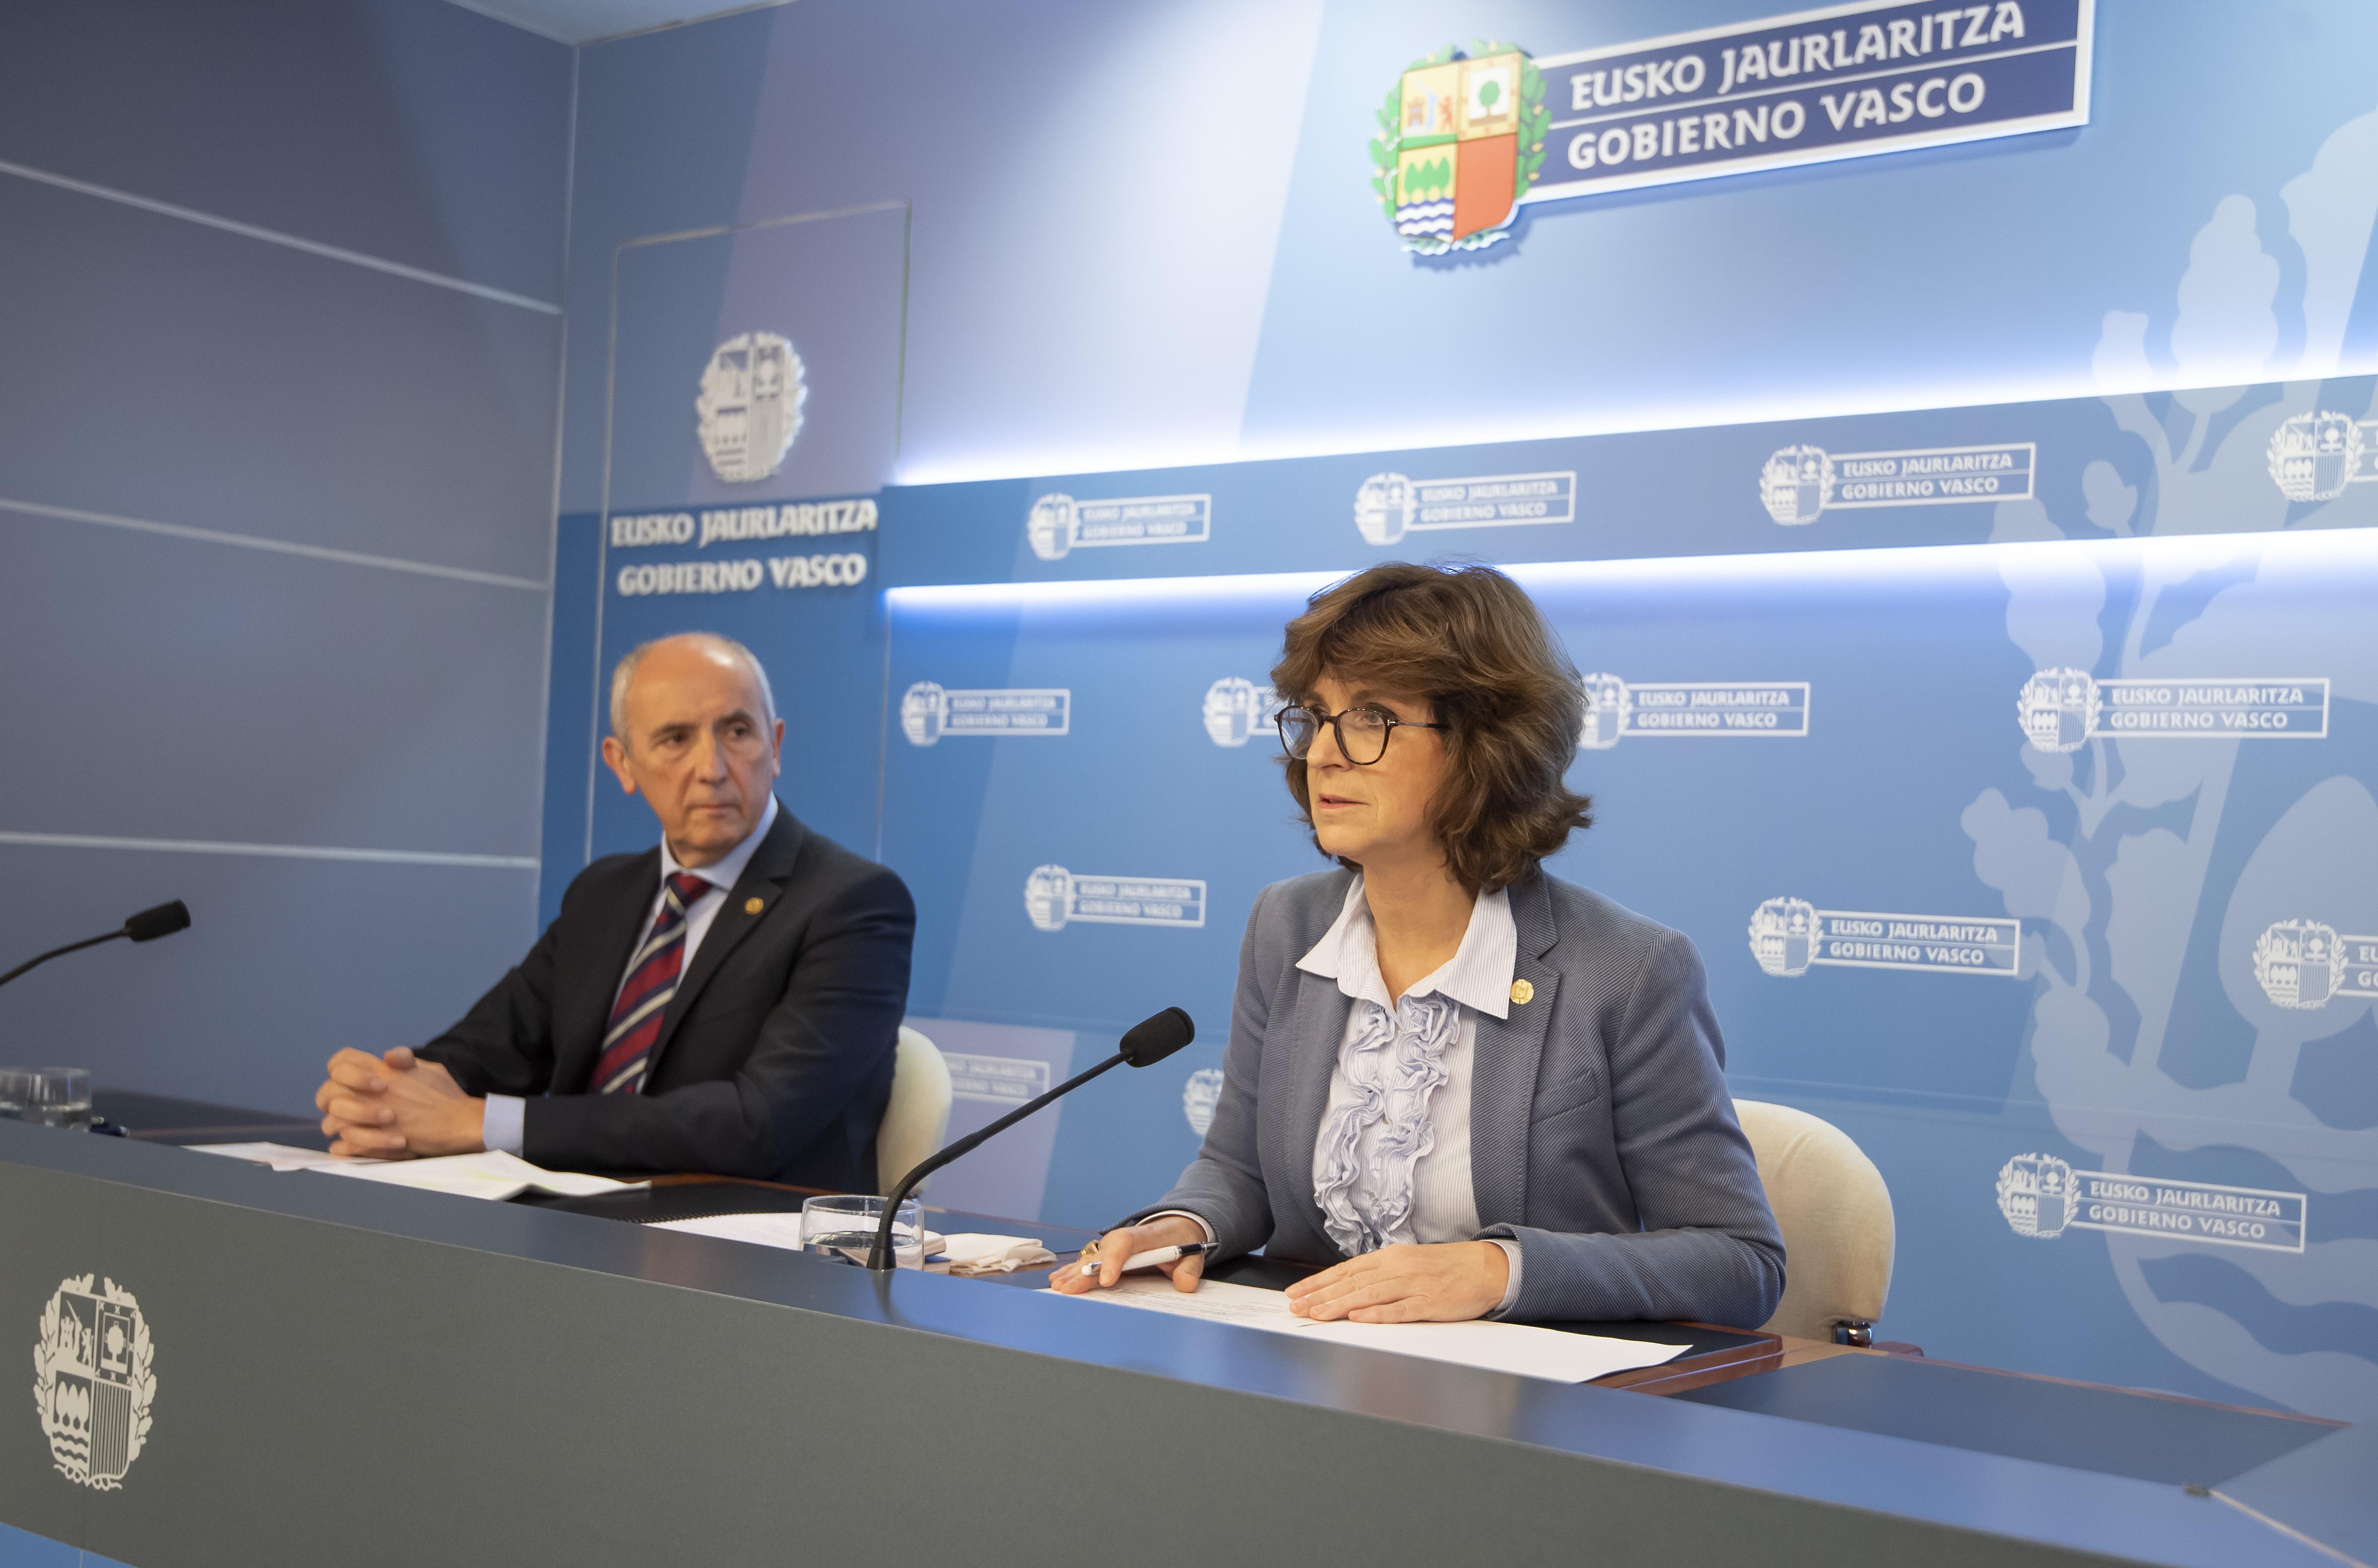 El Gobierno Vasco agradece el esfuerzo que están realizando las y los profesionales sanitarios